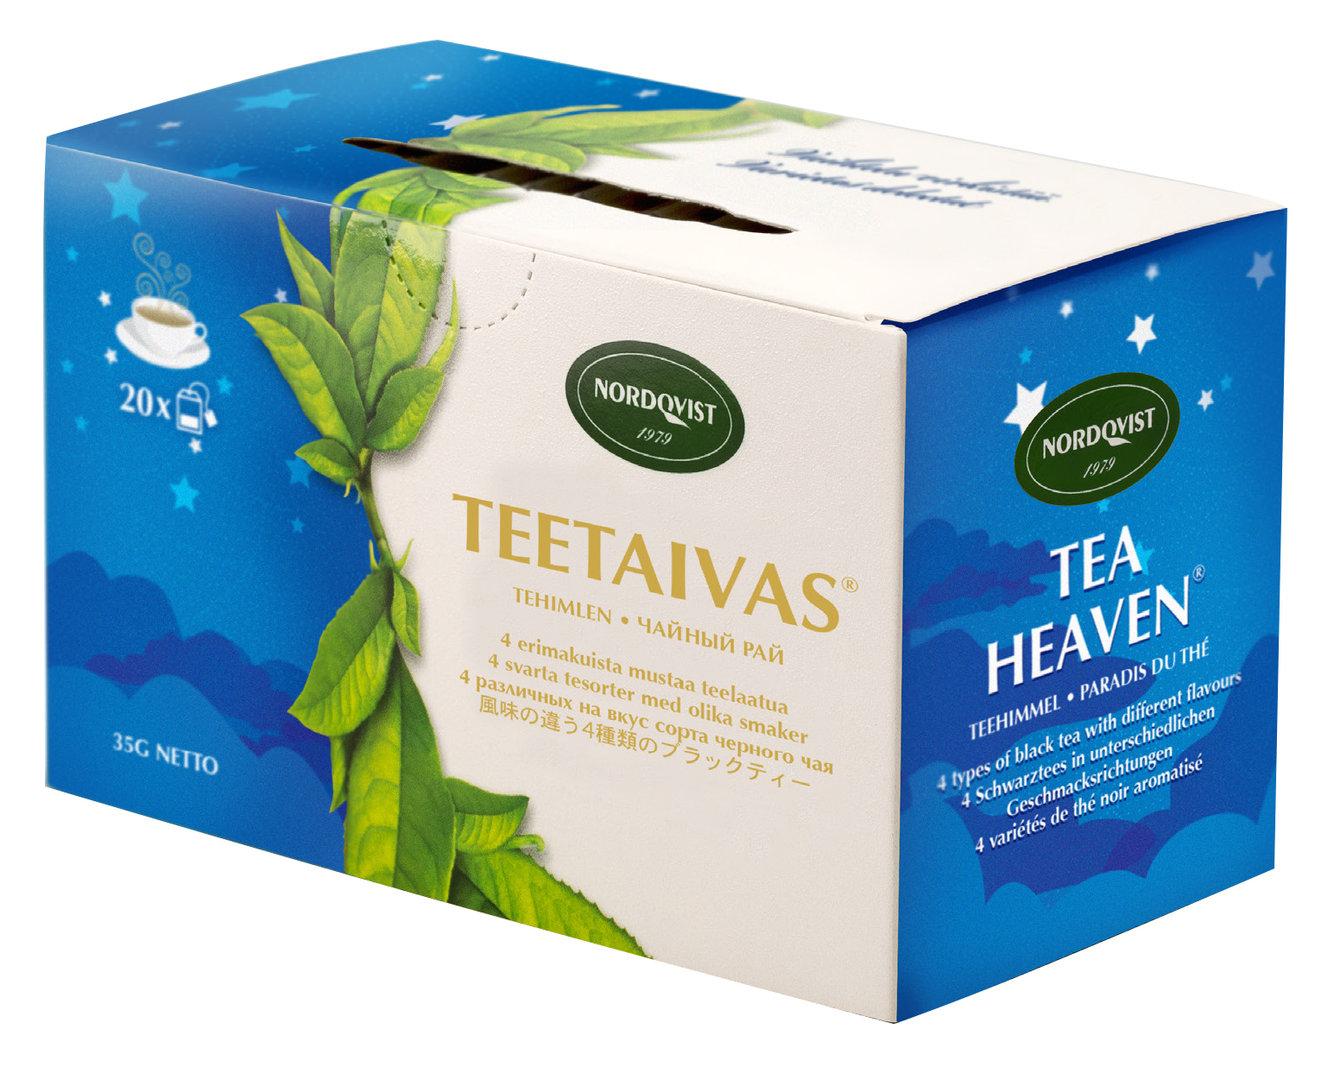 ชา Nordqvist : Tea Heaven bagged